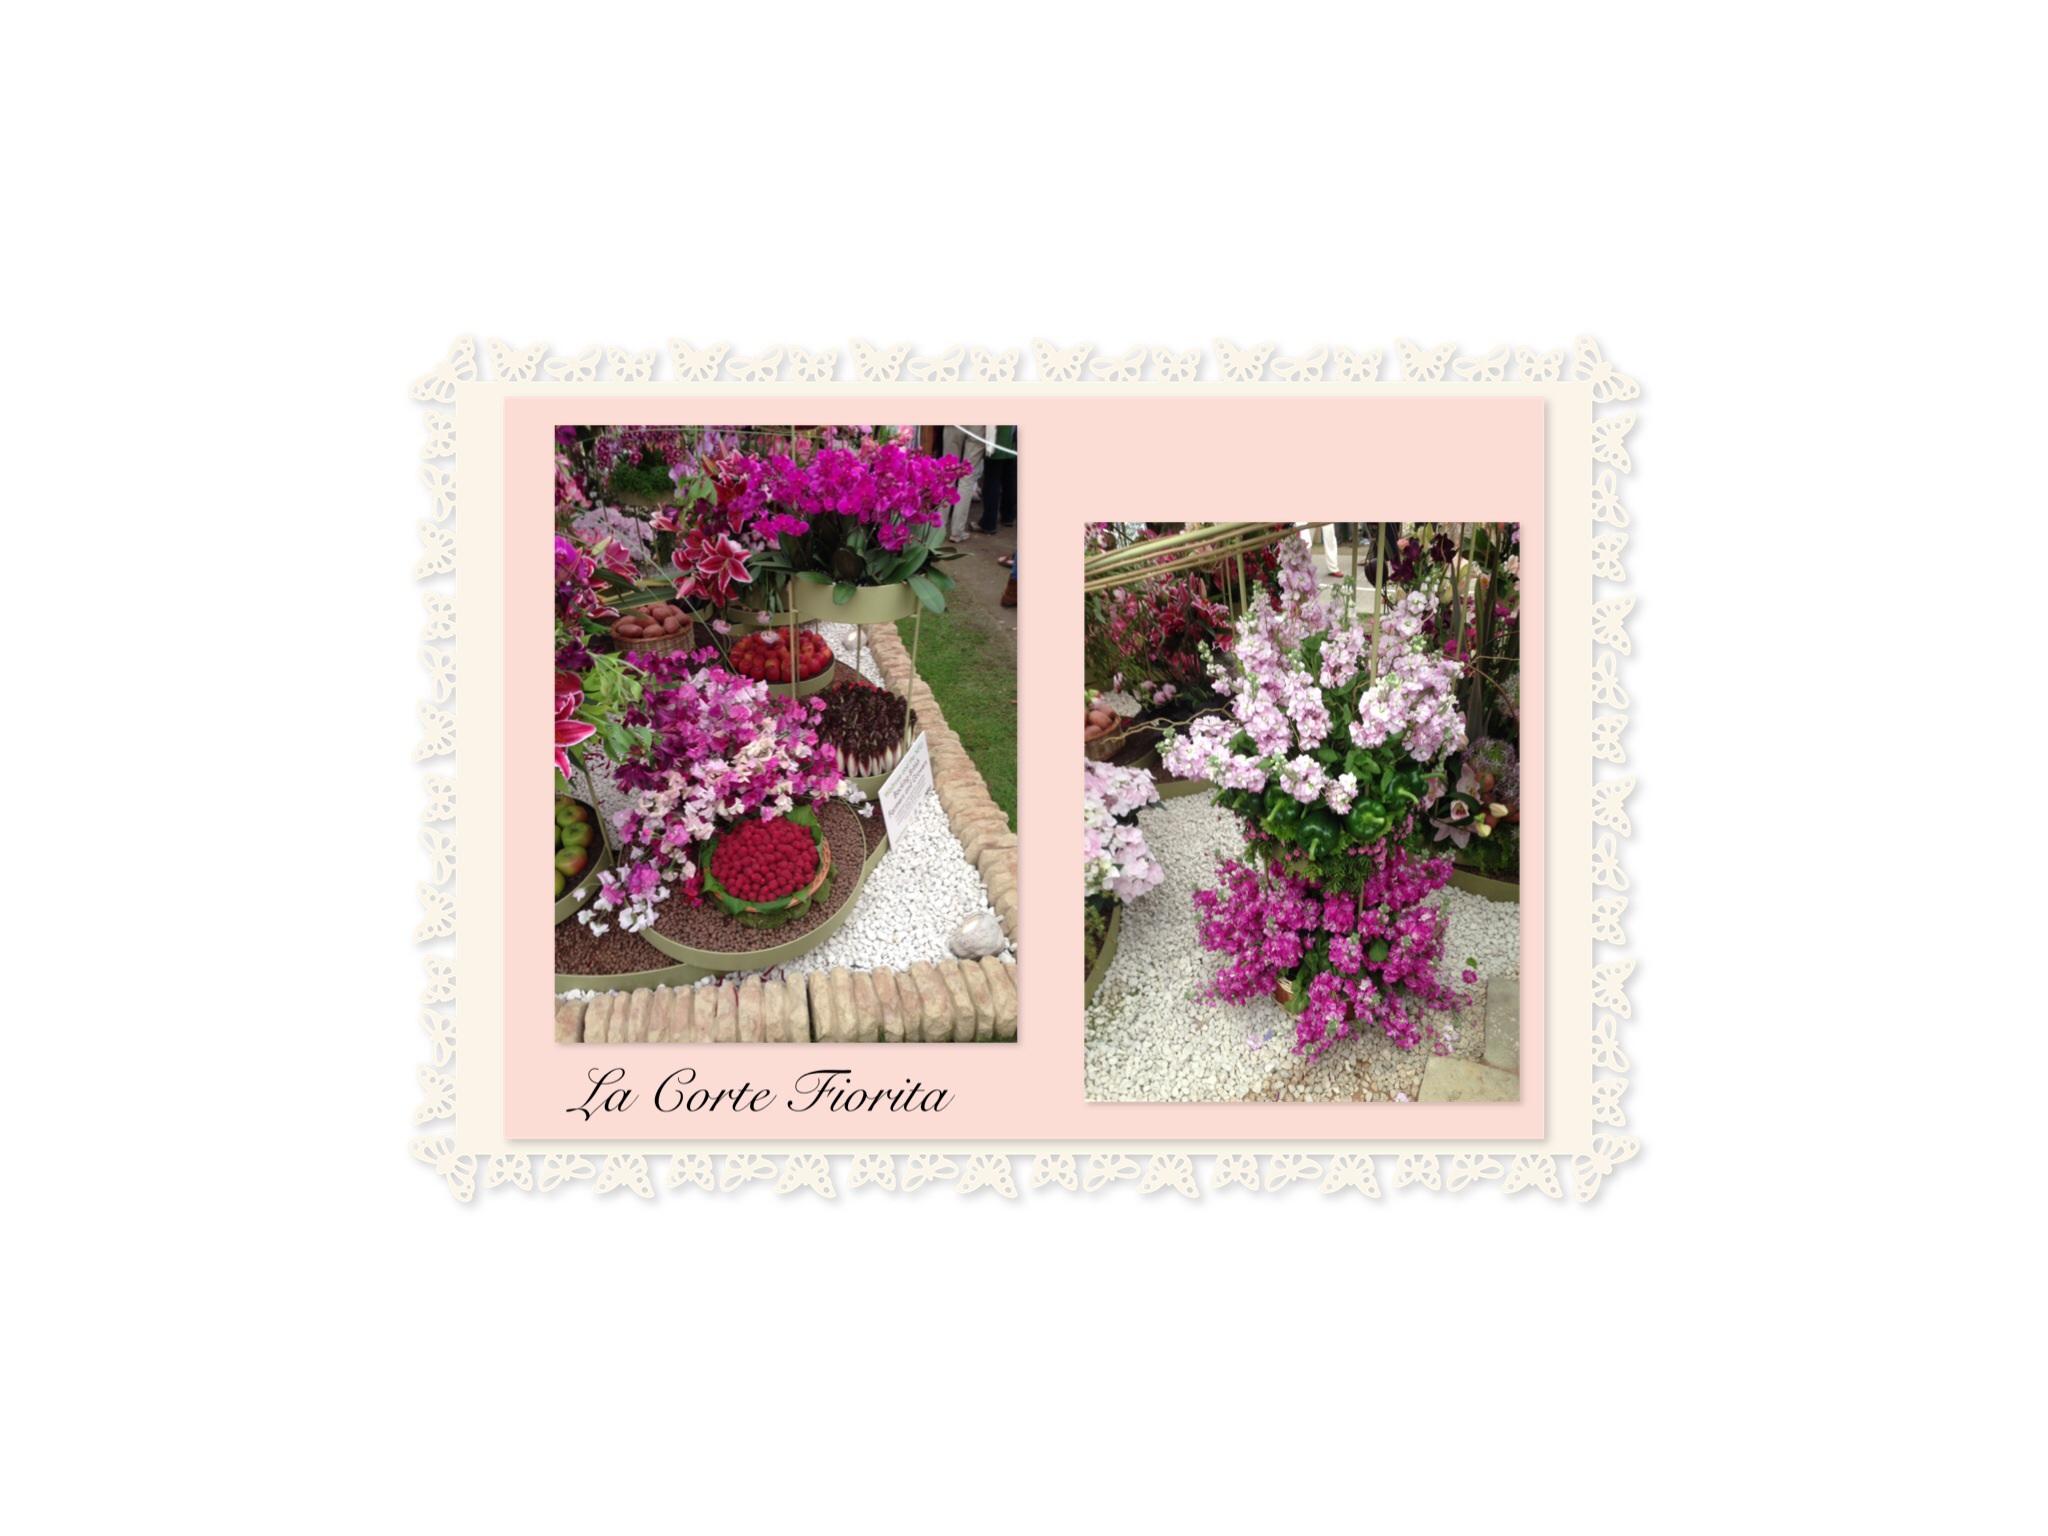 Espressioni in fiore archivi   pagina 2 di 3   la corte fiorita